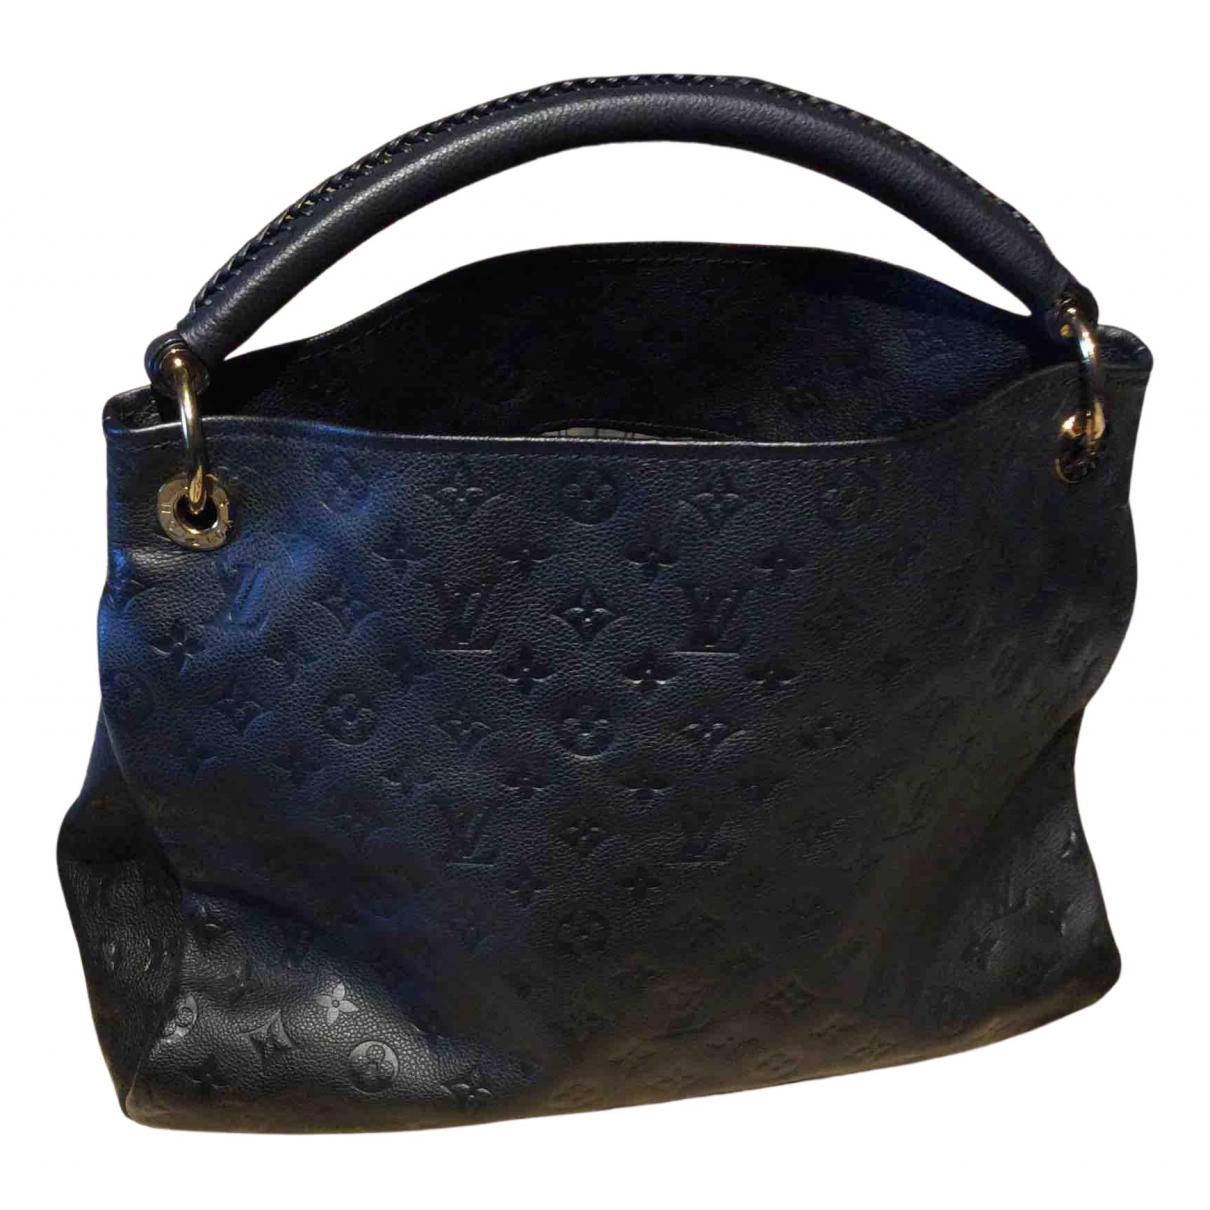 Louis Vuitton - Sac a main Artsy pour femme en cuir - noir